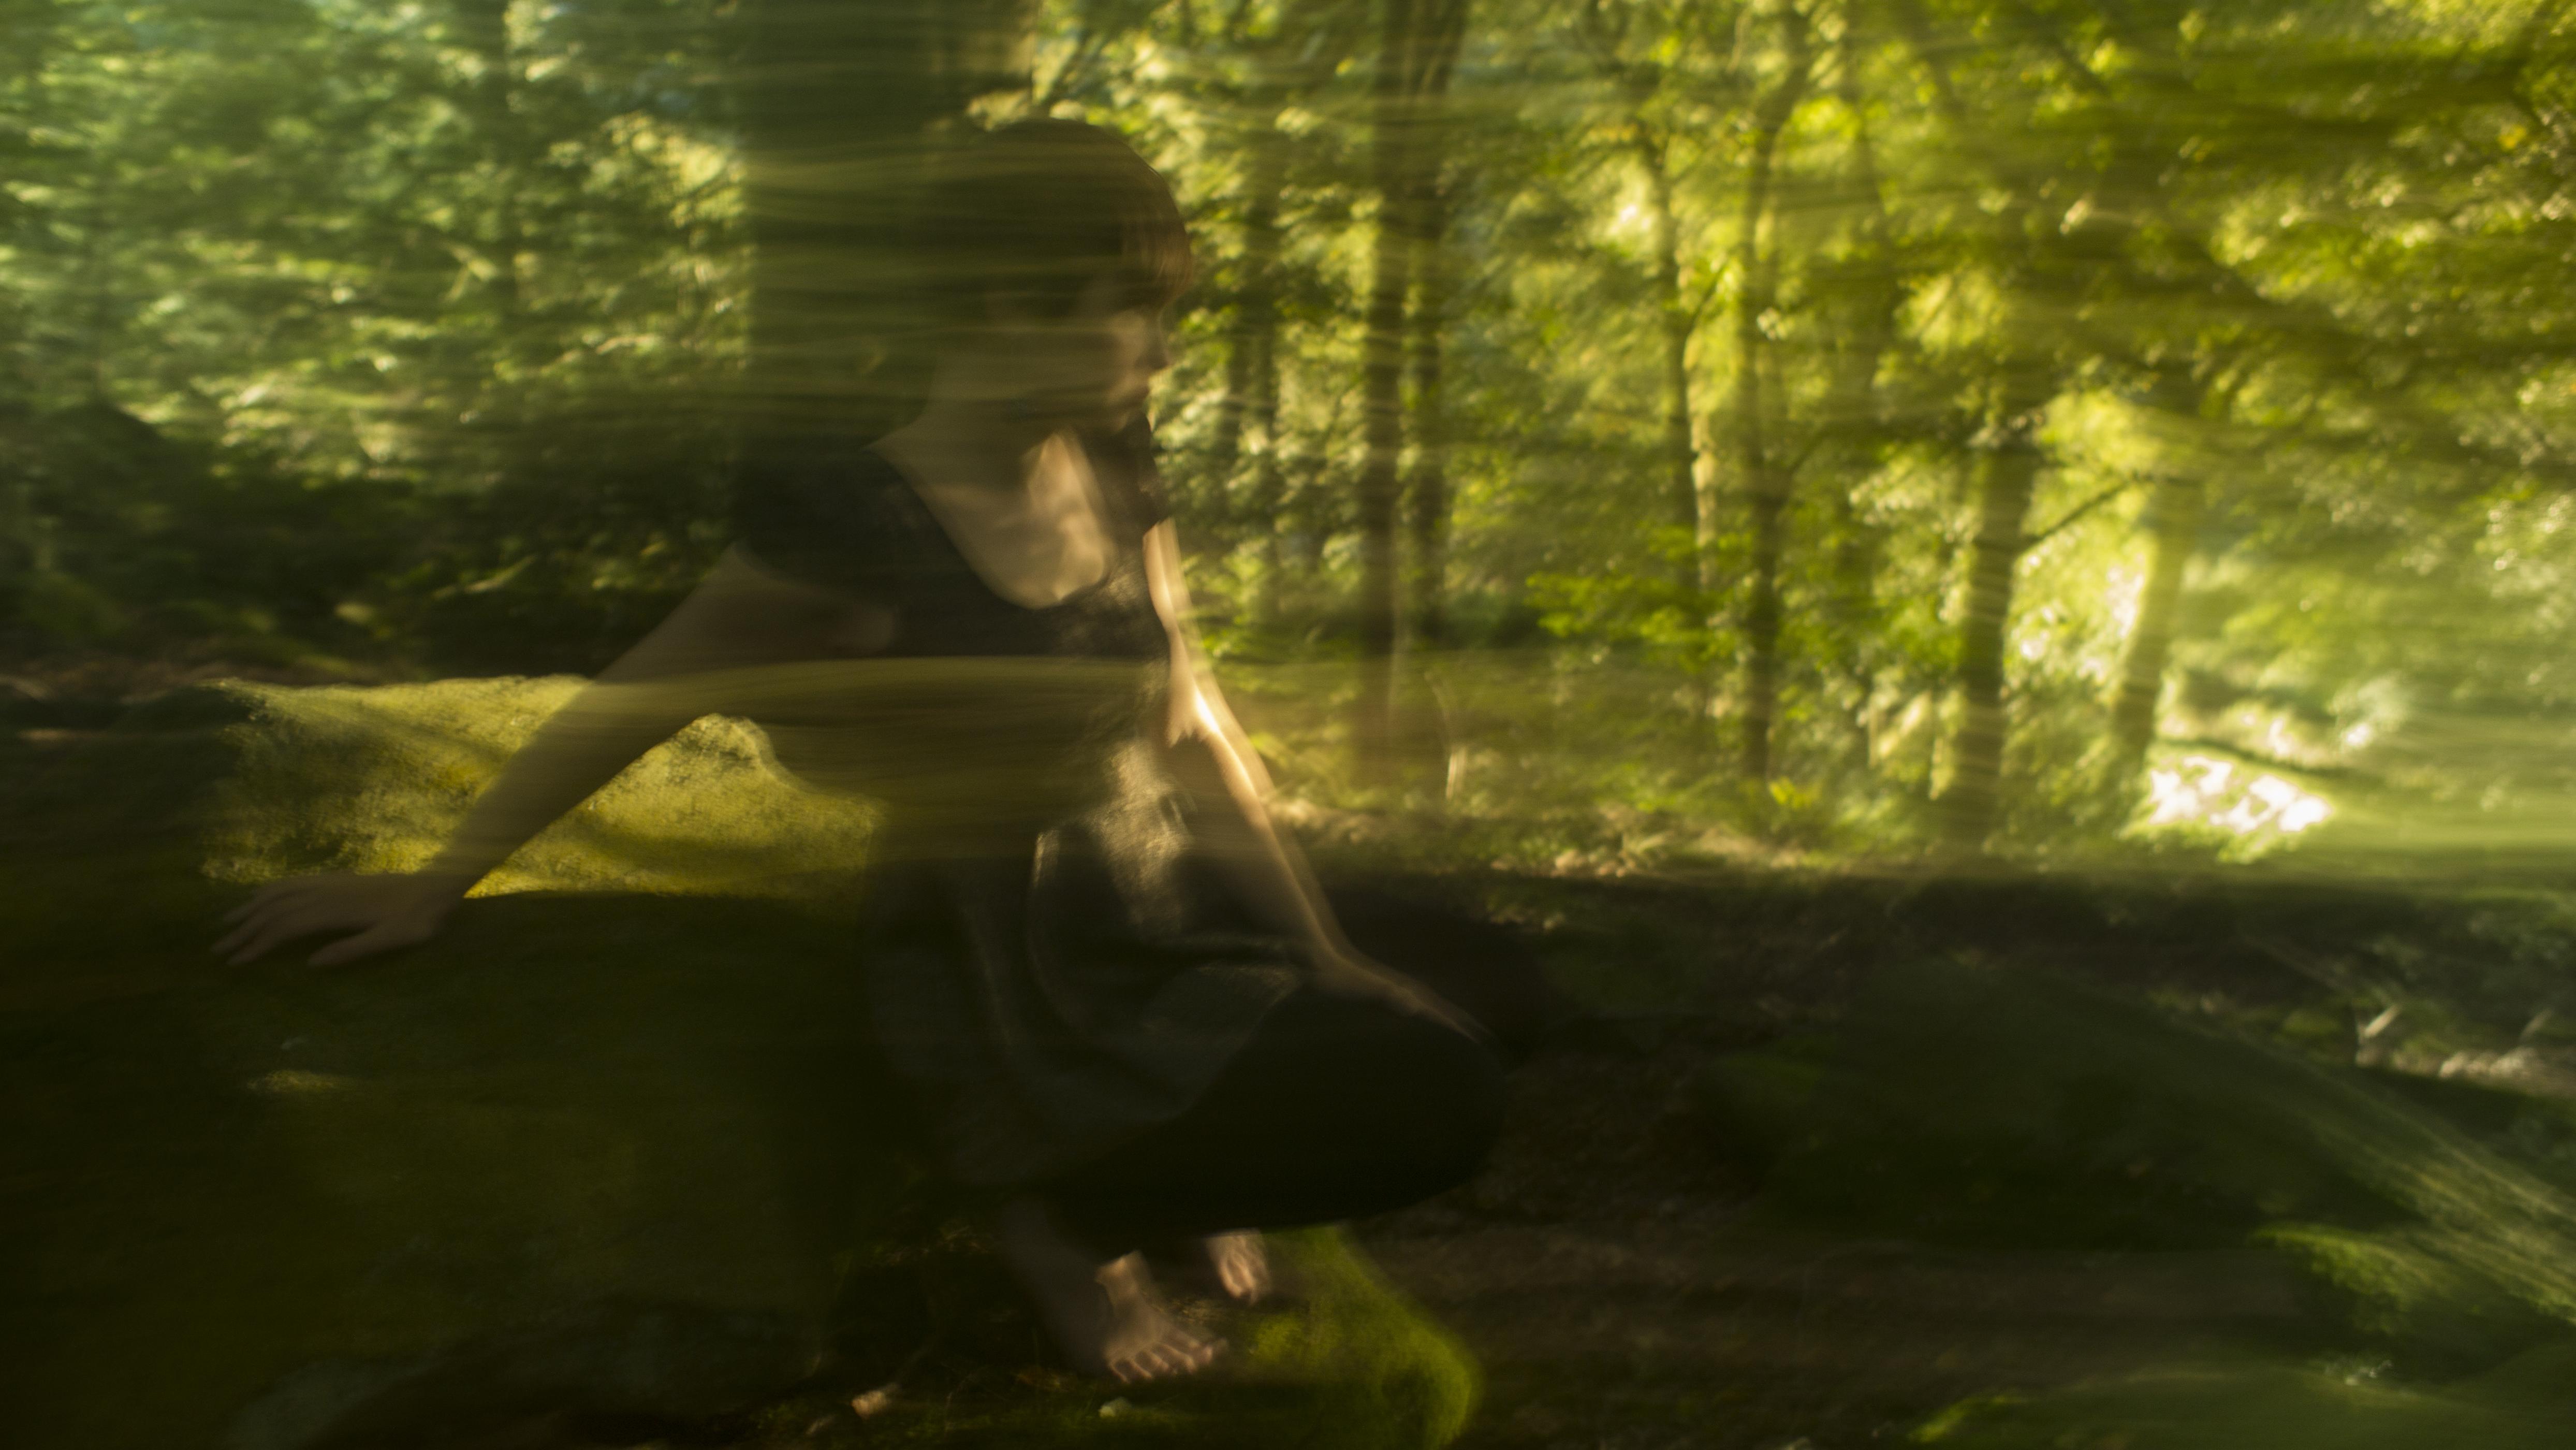 _Spirit Blur - P1300003